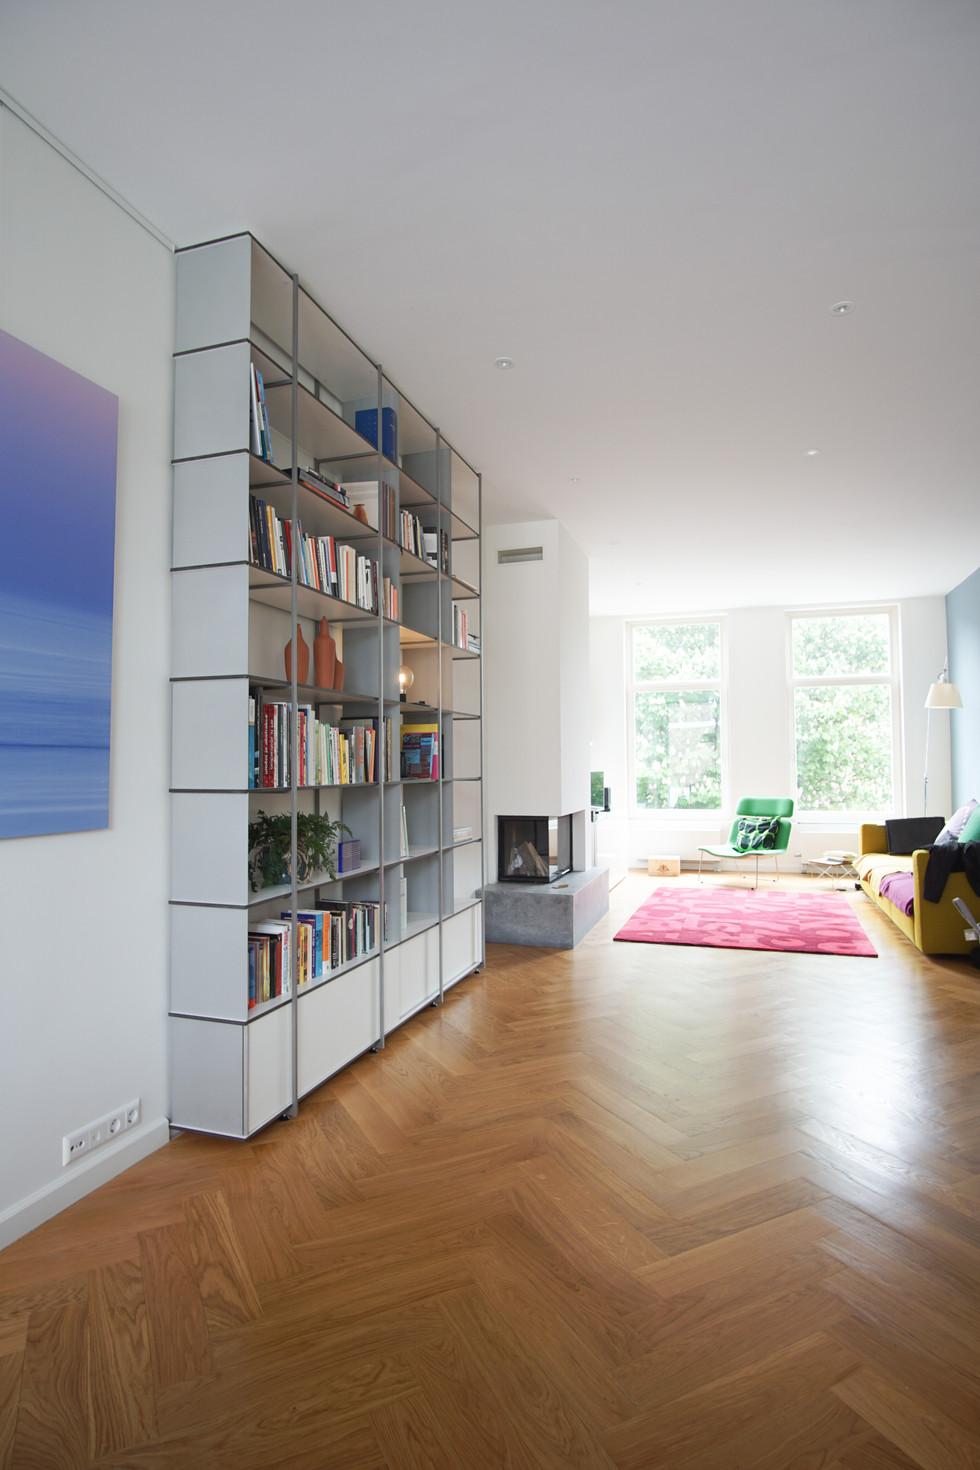 Koningsplein_Offset_Boekenkast-16.jpg